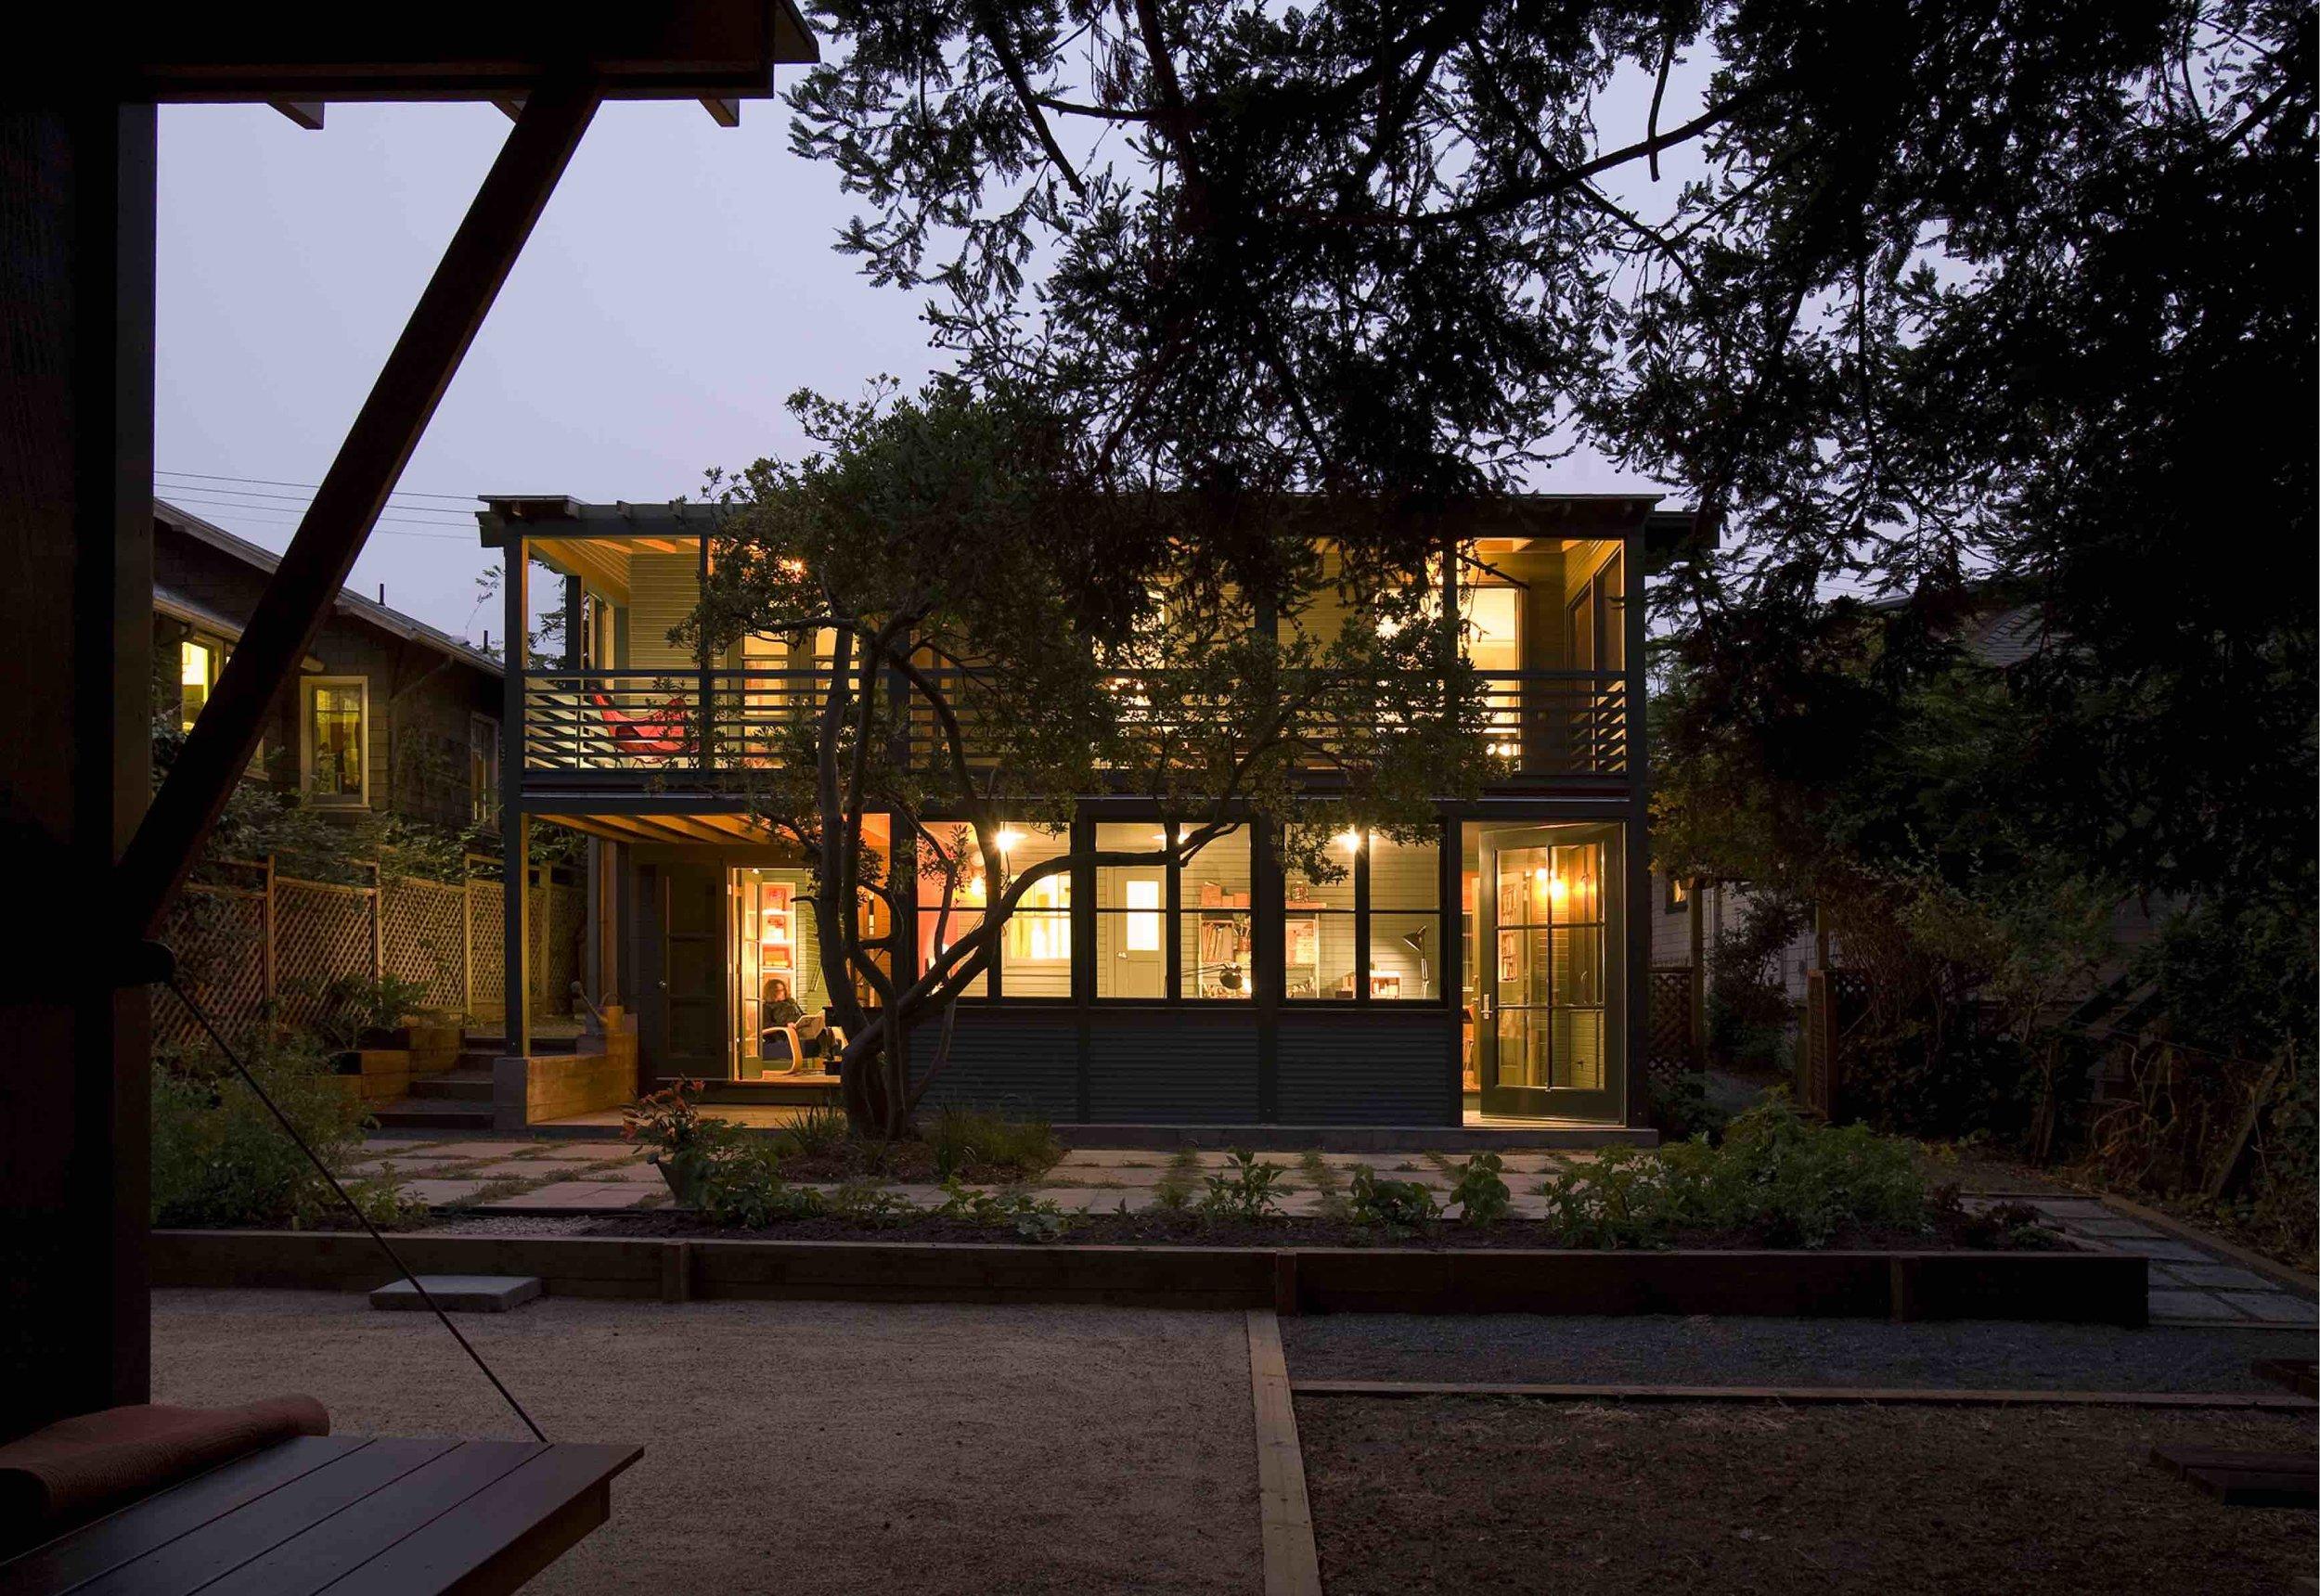 House on Cedar Street, CA